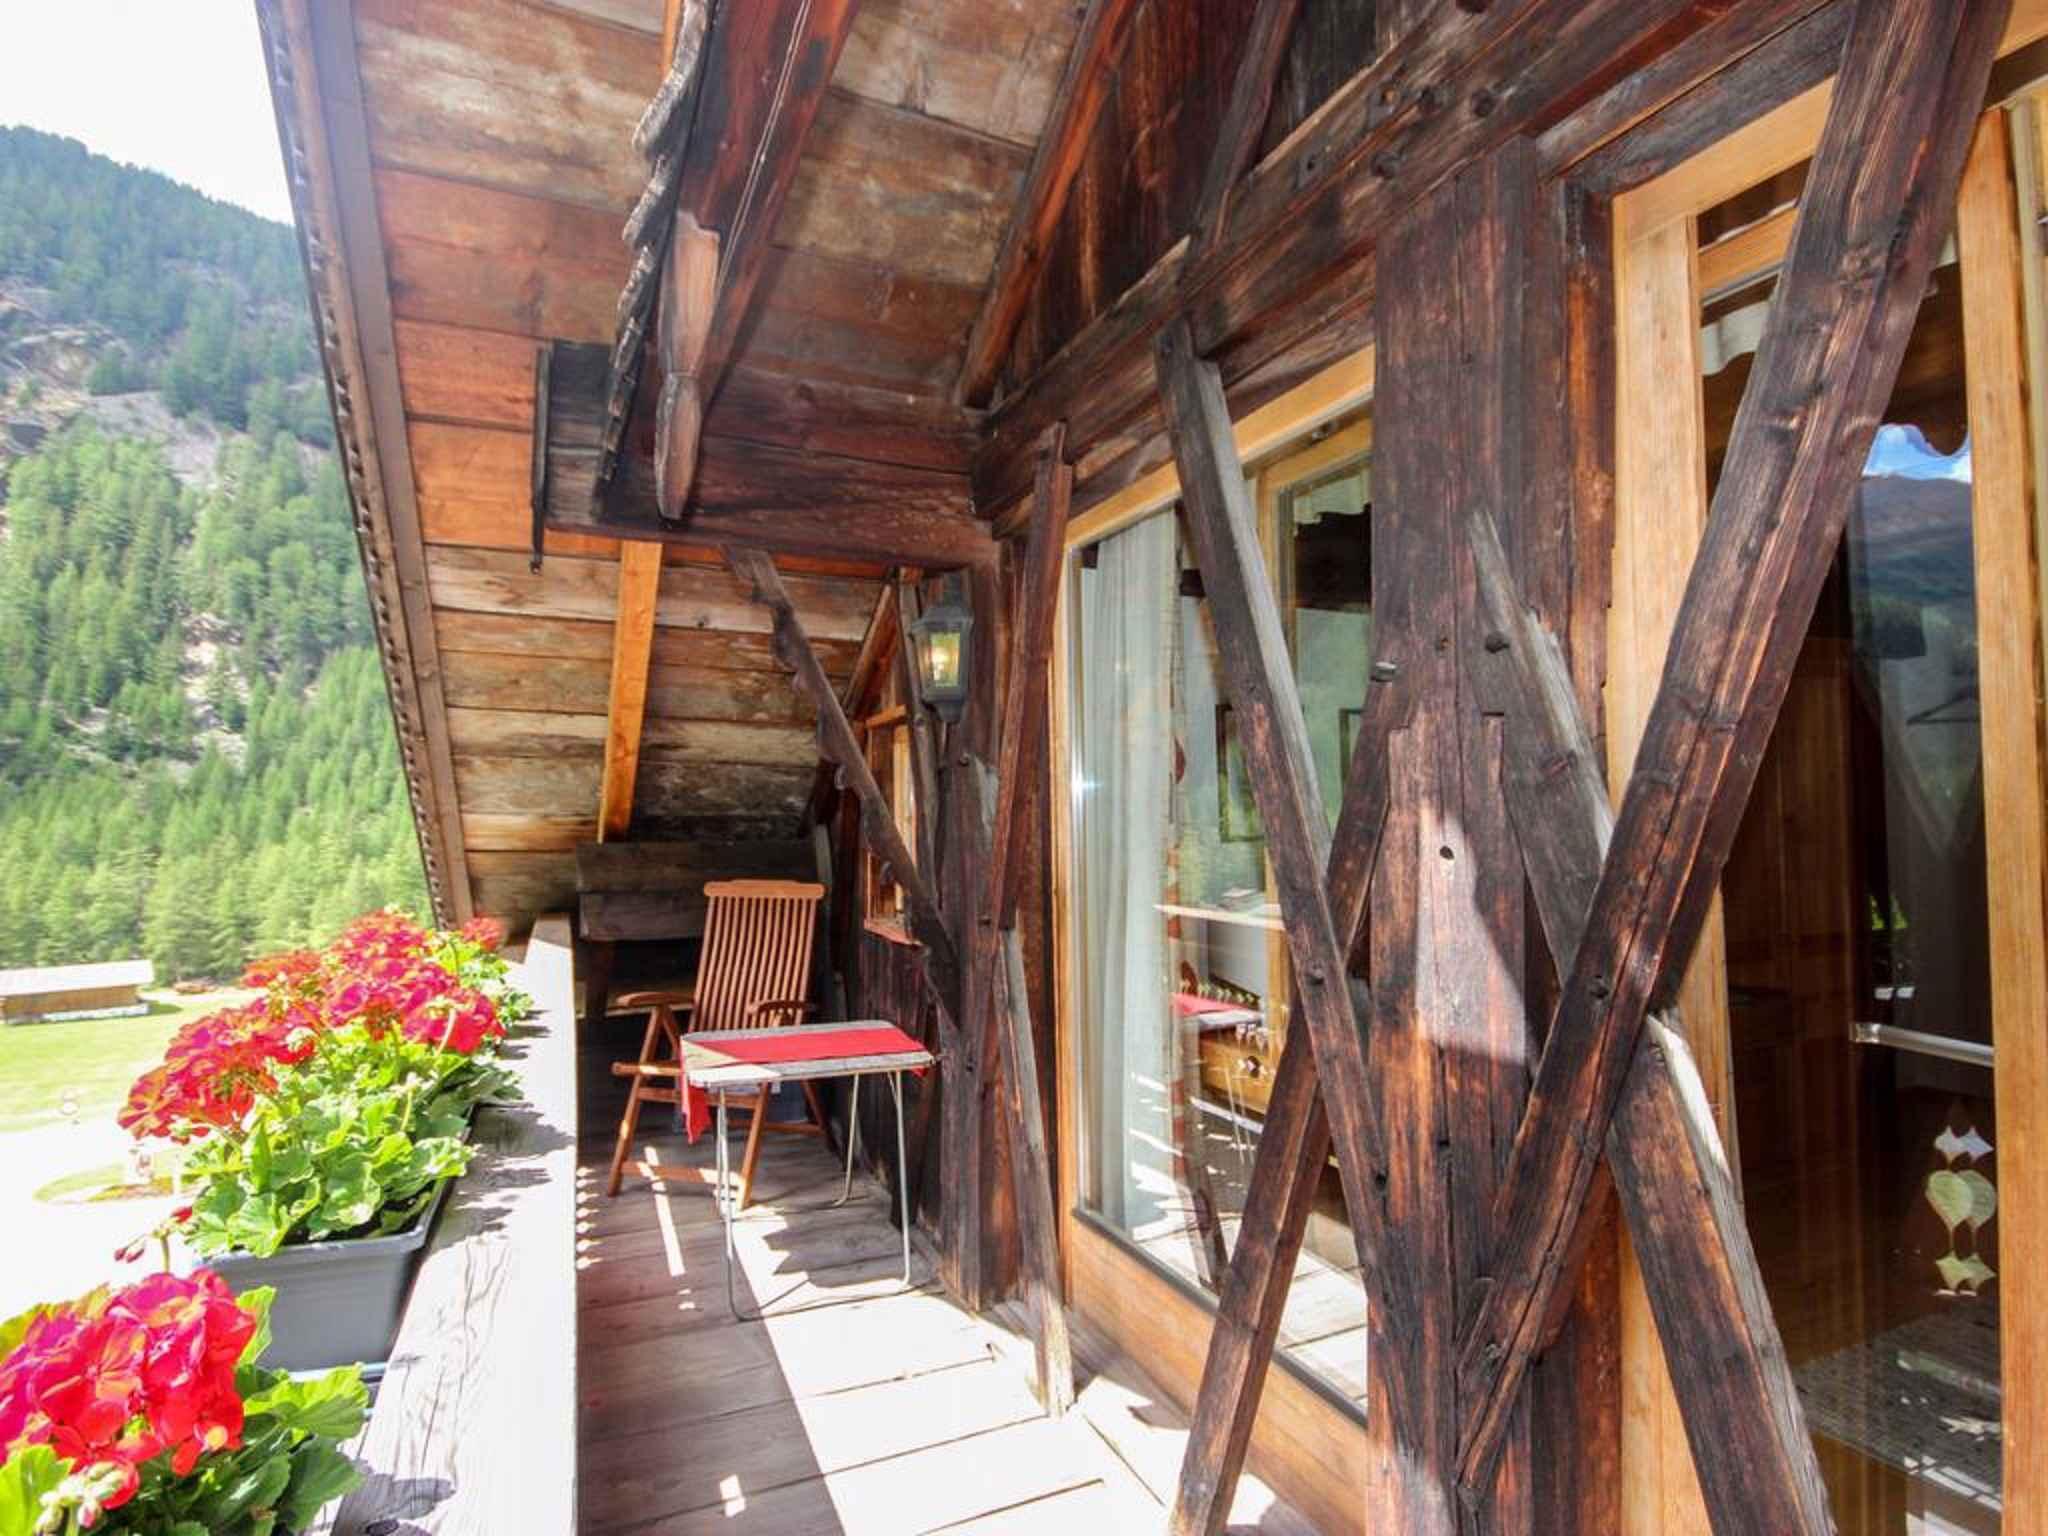 Ferienwohnung in einem über 300 Jahre alten Holzhaus (283707), Sölden (AT), Ötztal, Tirol, Österreich, Bild 8